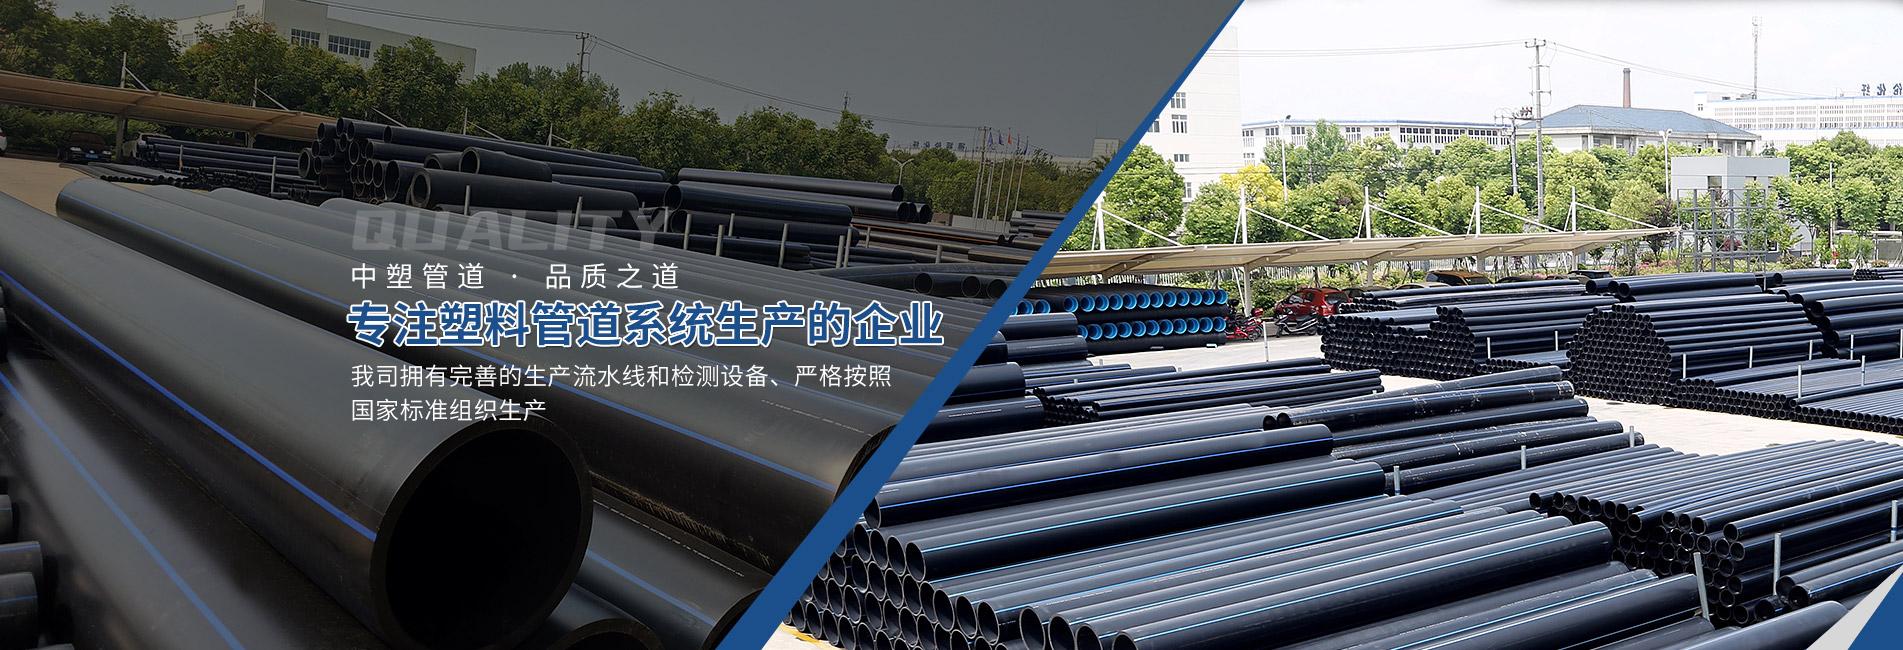 上海中塑管业有限公司